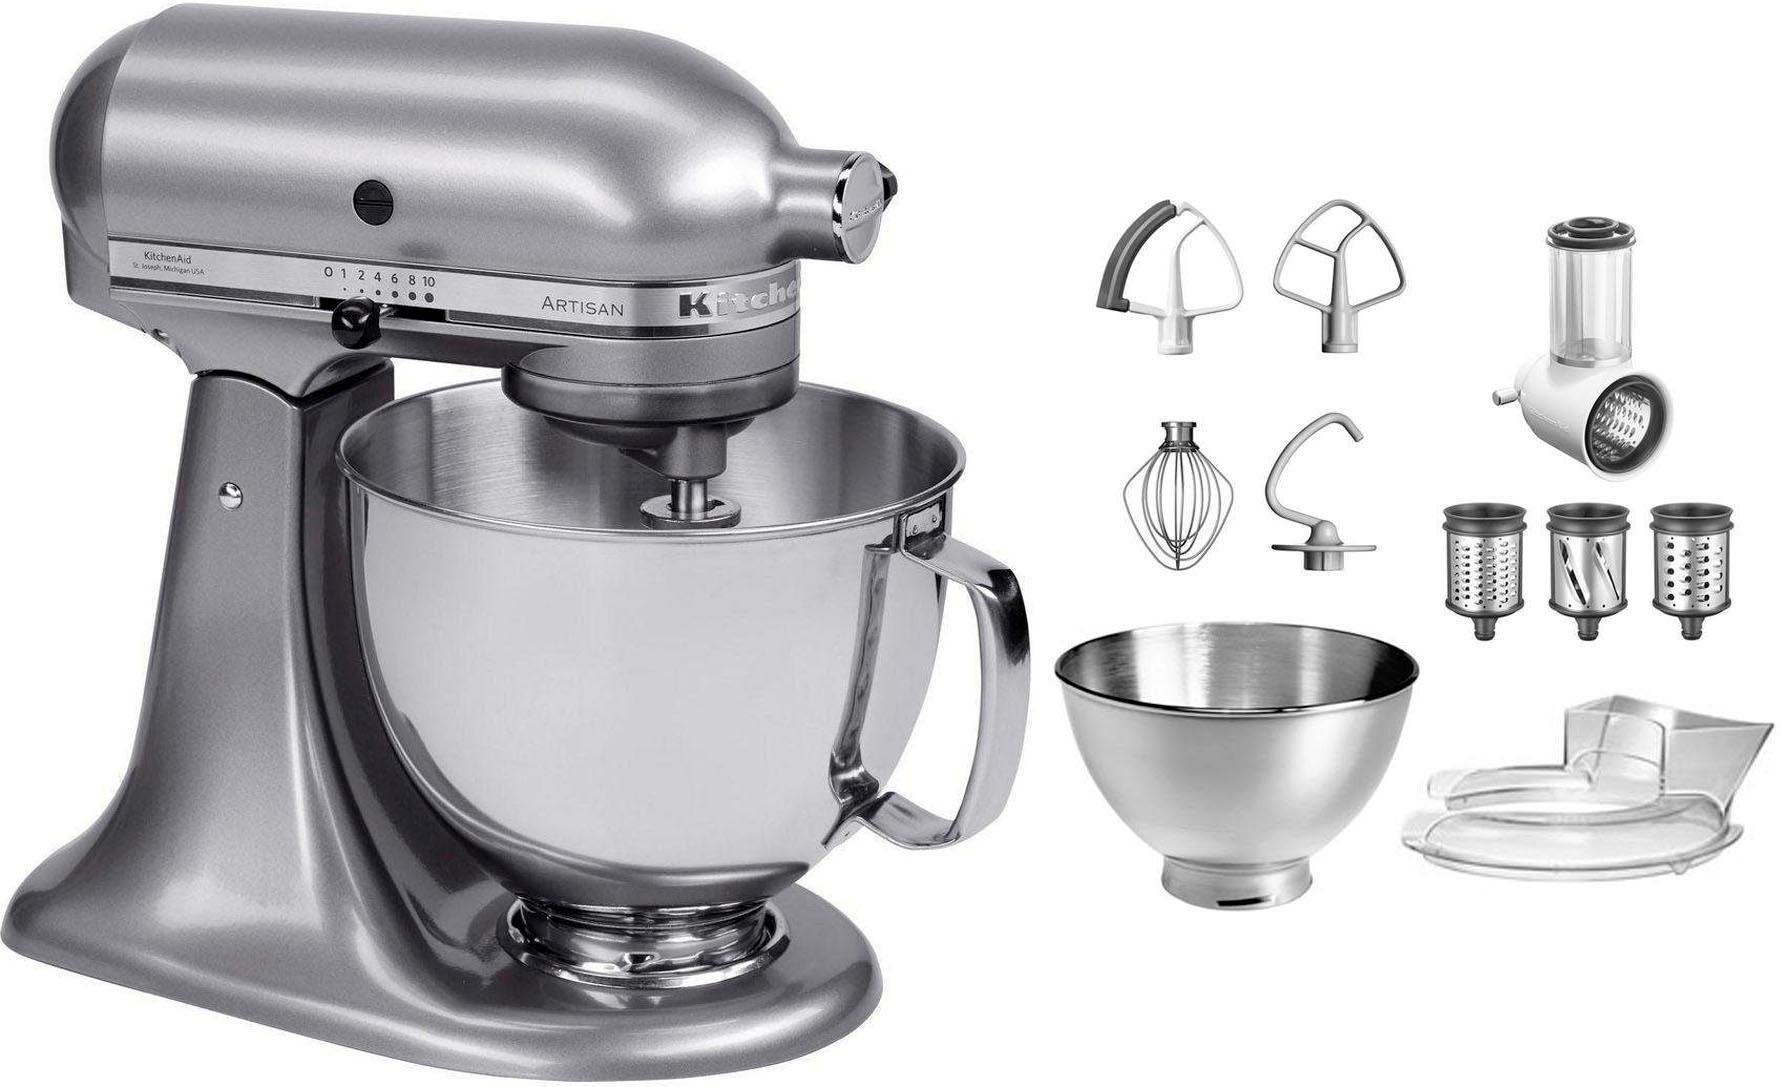 Kitchenaid Kuchenmaschine Artisan 5ksm175psecu Mit Gratis Gemuseschneider Und 3 Trommeln 300 Watt Schussel 4 8 Liter Online Kaufen Baur